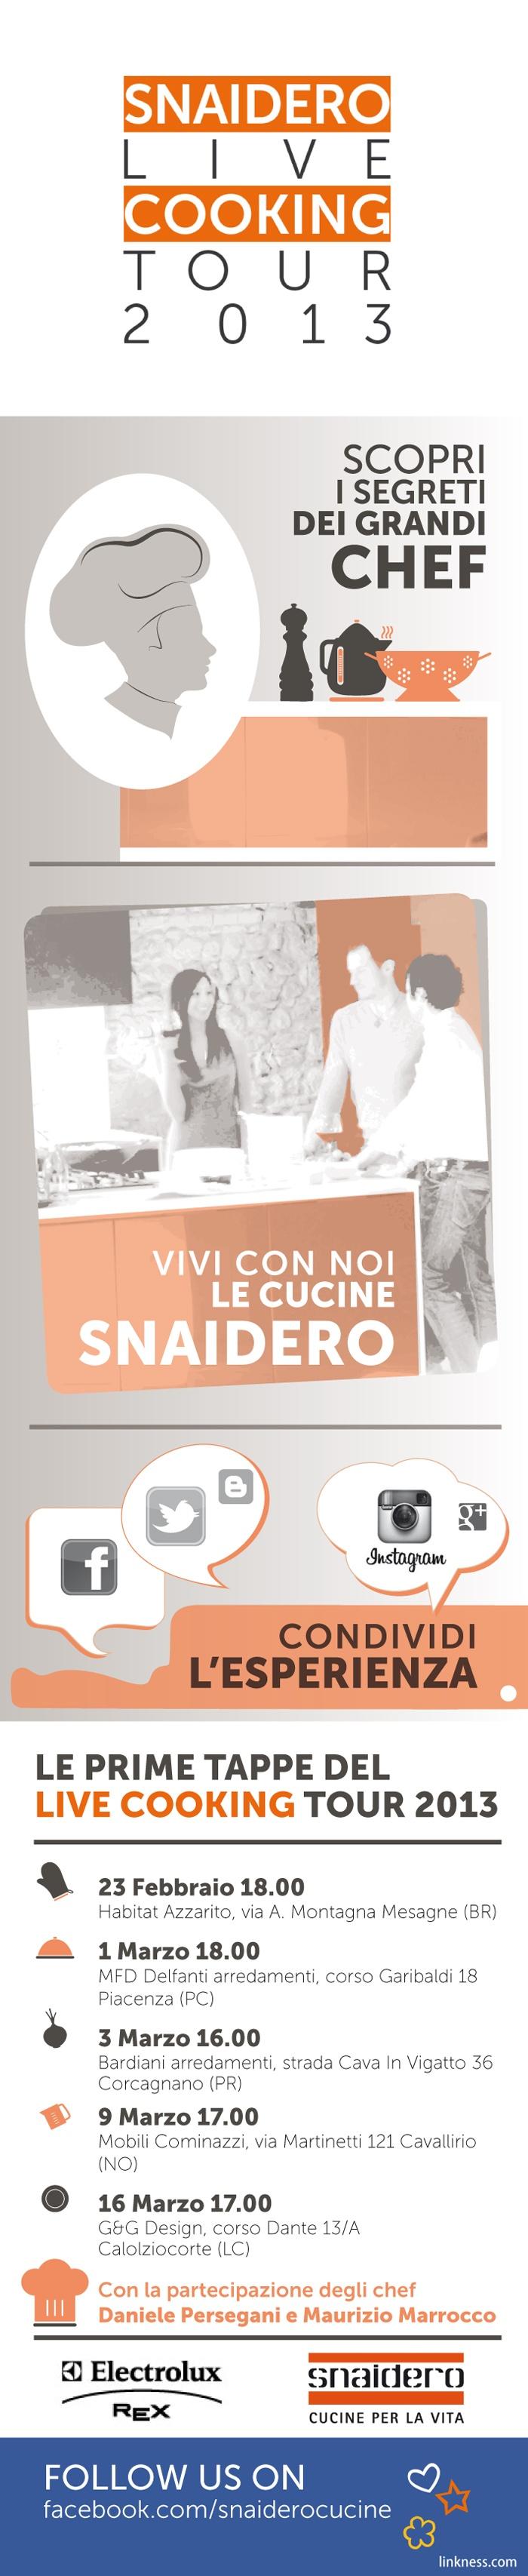 Che cos'è lo Snaidero Live Cooking Tour?  1. un'opportunità per scoprire i segreti dei grandi Chef    2. un'occasione per toccare con mano le cucine Snaidero   3. un'esperienza da condividere :-)   ... e molto altro ancora...        Per maggiori informazioni: http://www.parlaconsnaidero.it/it/blog/parte-lo-snaidero-live-cooking-tour